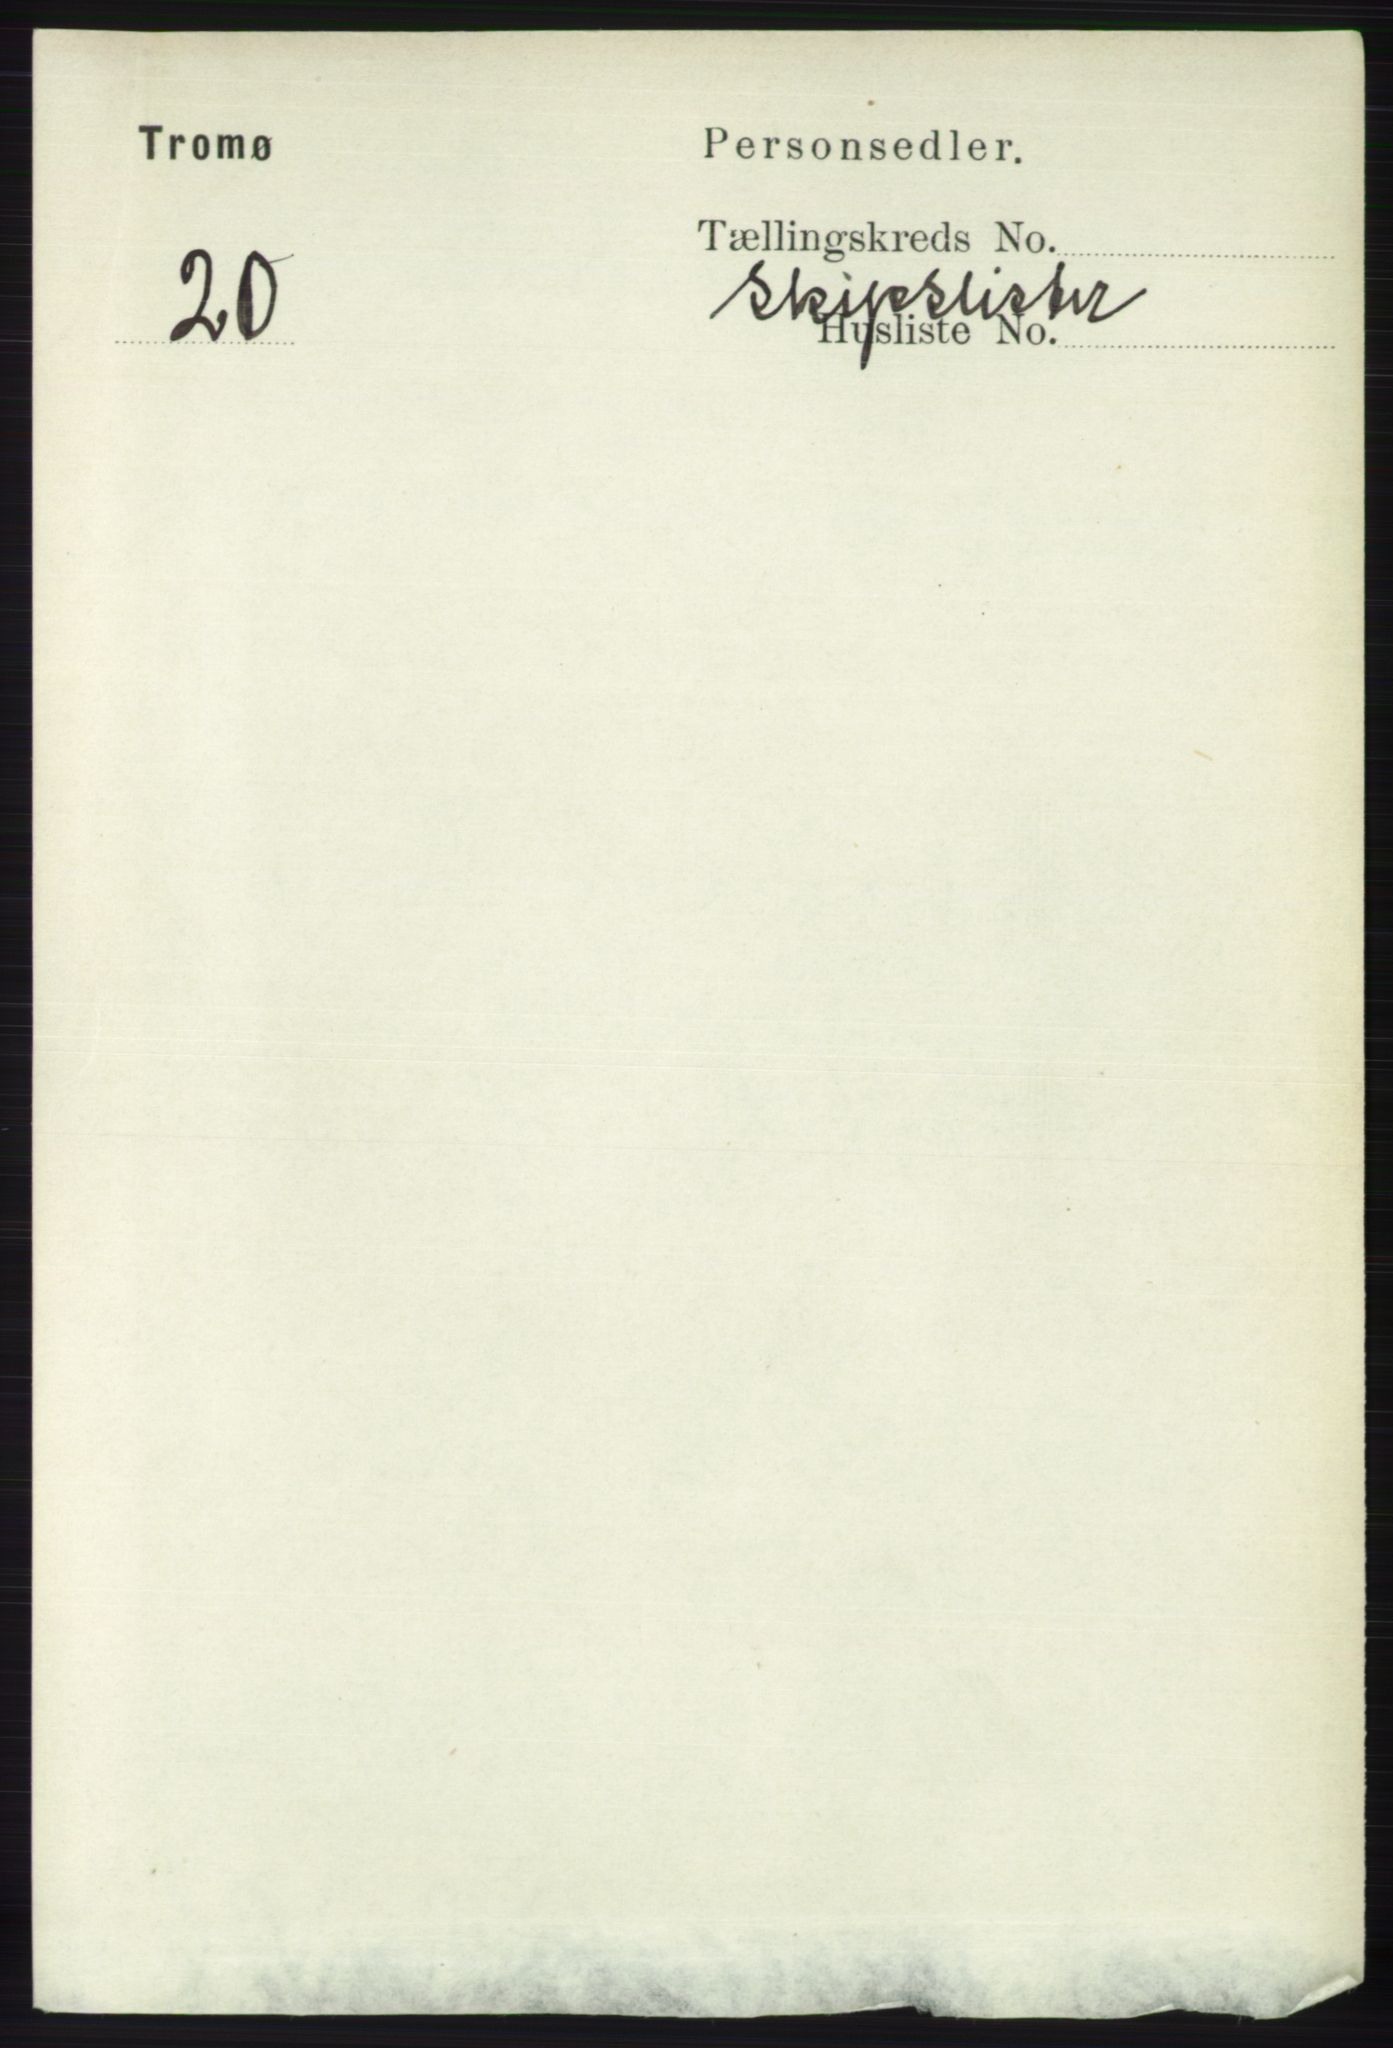 RA, Folketelling 1891 for 0921 Tromøy herred, 1891, s. 3032